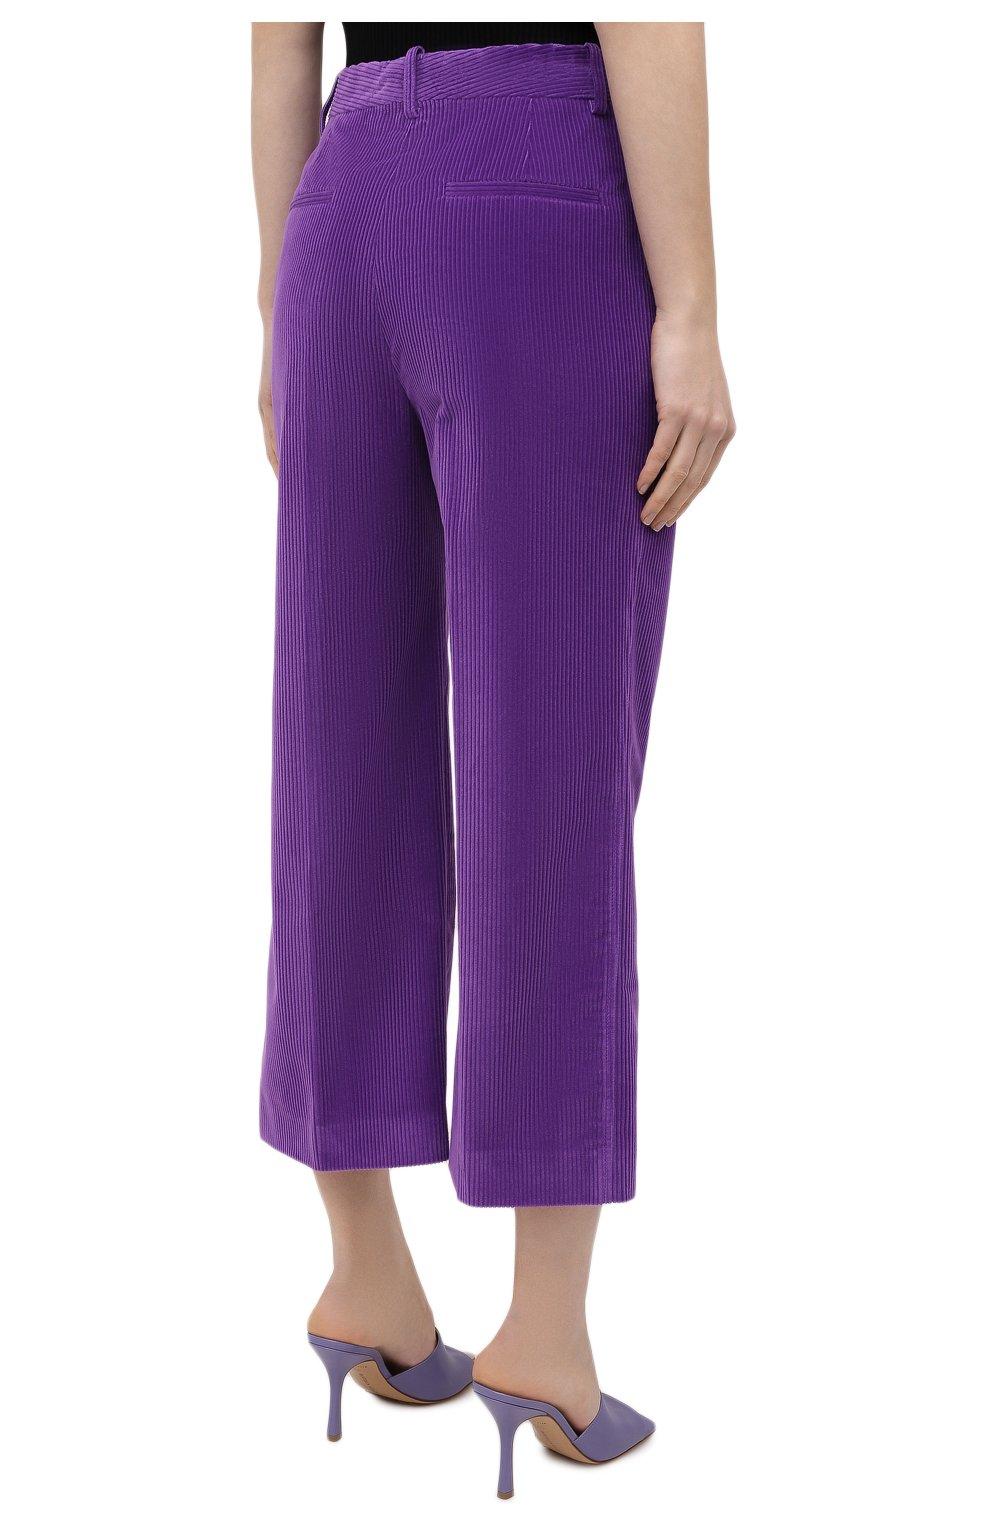 Женские хлопковые брюки VICTORIA BECKHAM фиолетового цвета, арт. 1121WTR002225A   Фото 4 (Женское Кросс-КТ: Брюки-одежда; Силуэт Ж (брюки и джинсы): Расклешенные; Материал внешний: Хлопок; Длина (брюки, джинсы): Укороченные; Стили: Кэжуэл)